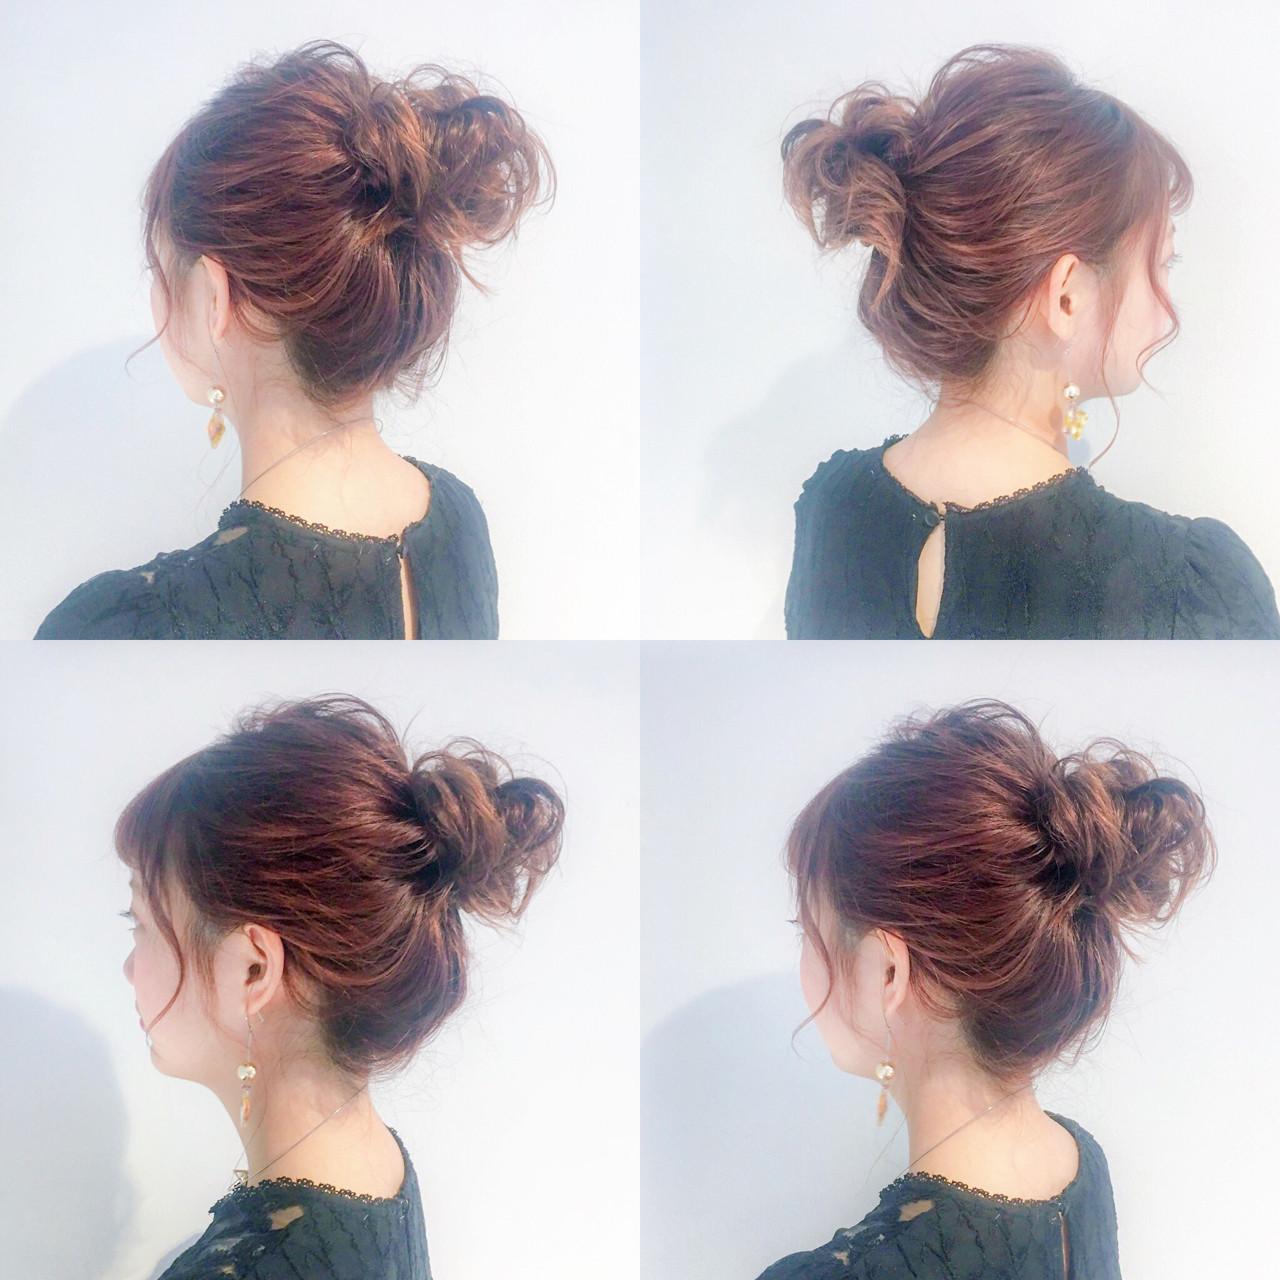 海外女子のヘアアレンジが可愛い♡バリエーション豊富なヘアアレンジ集 美容師 HIRO